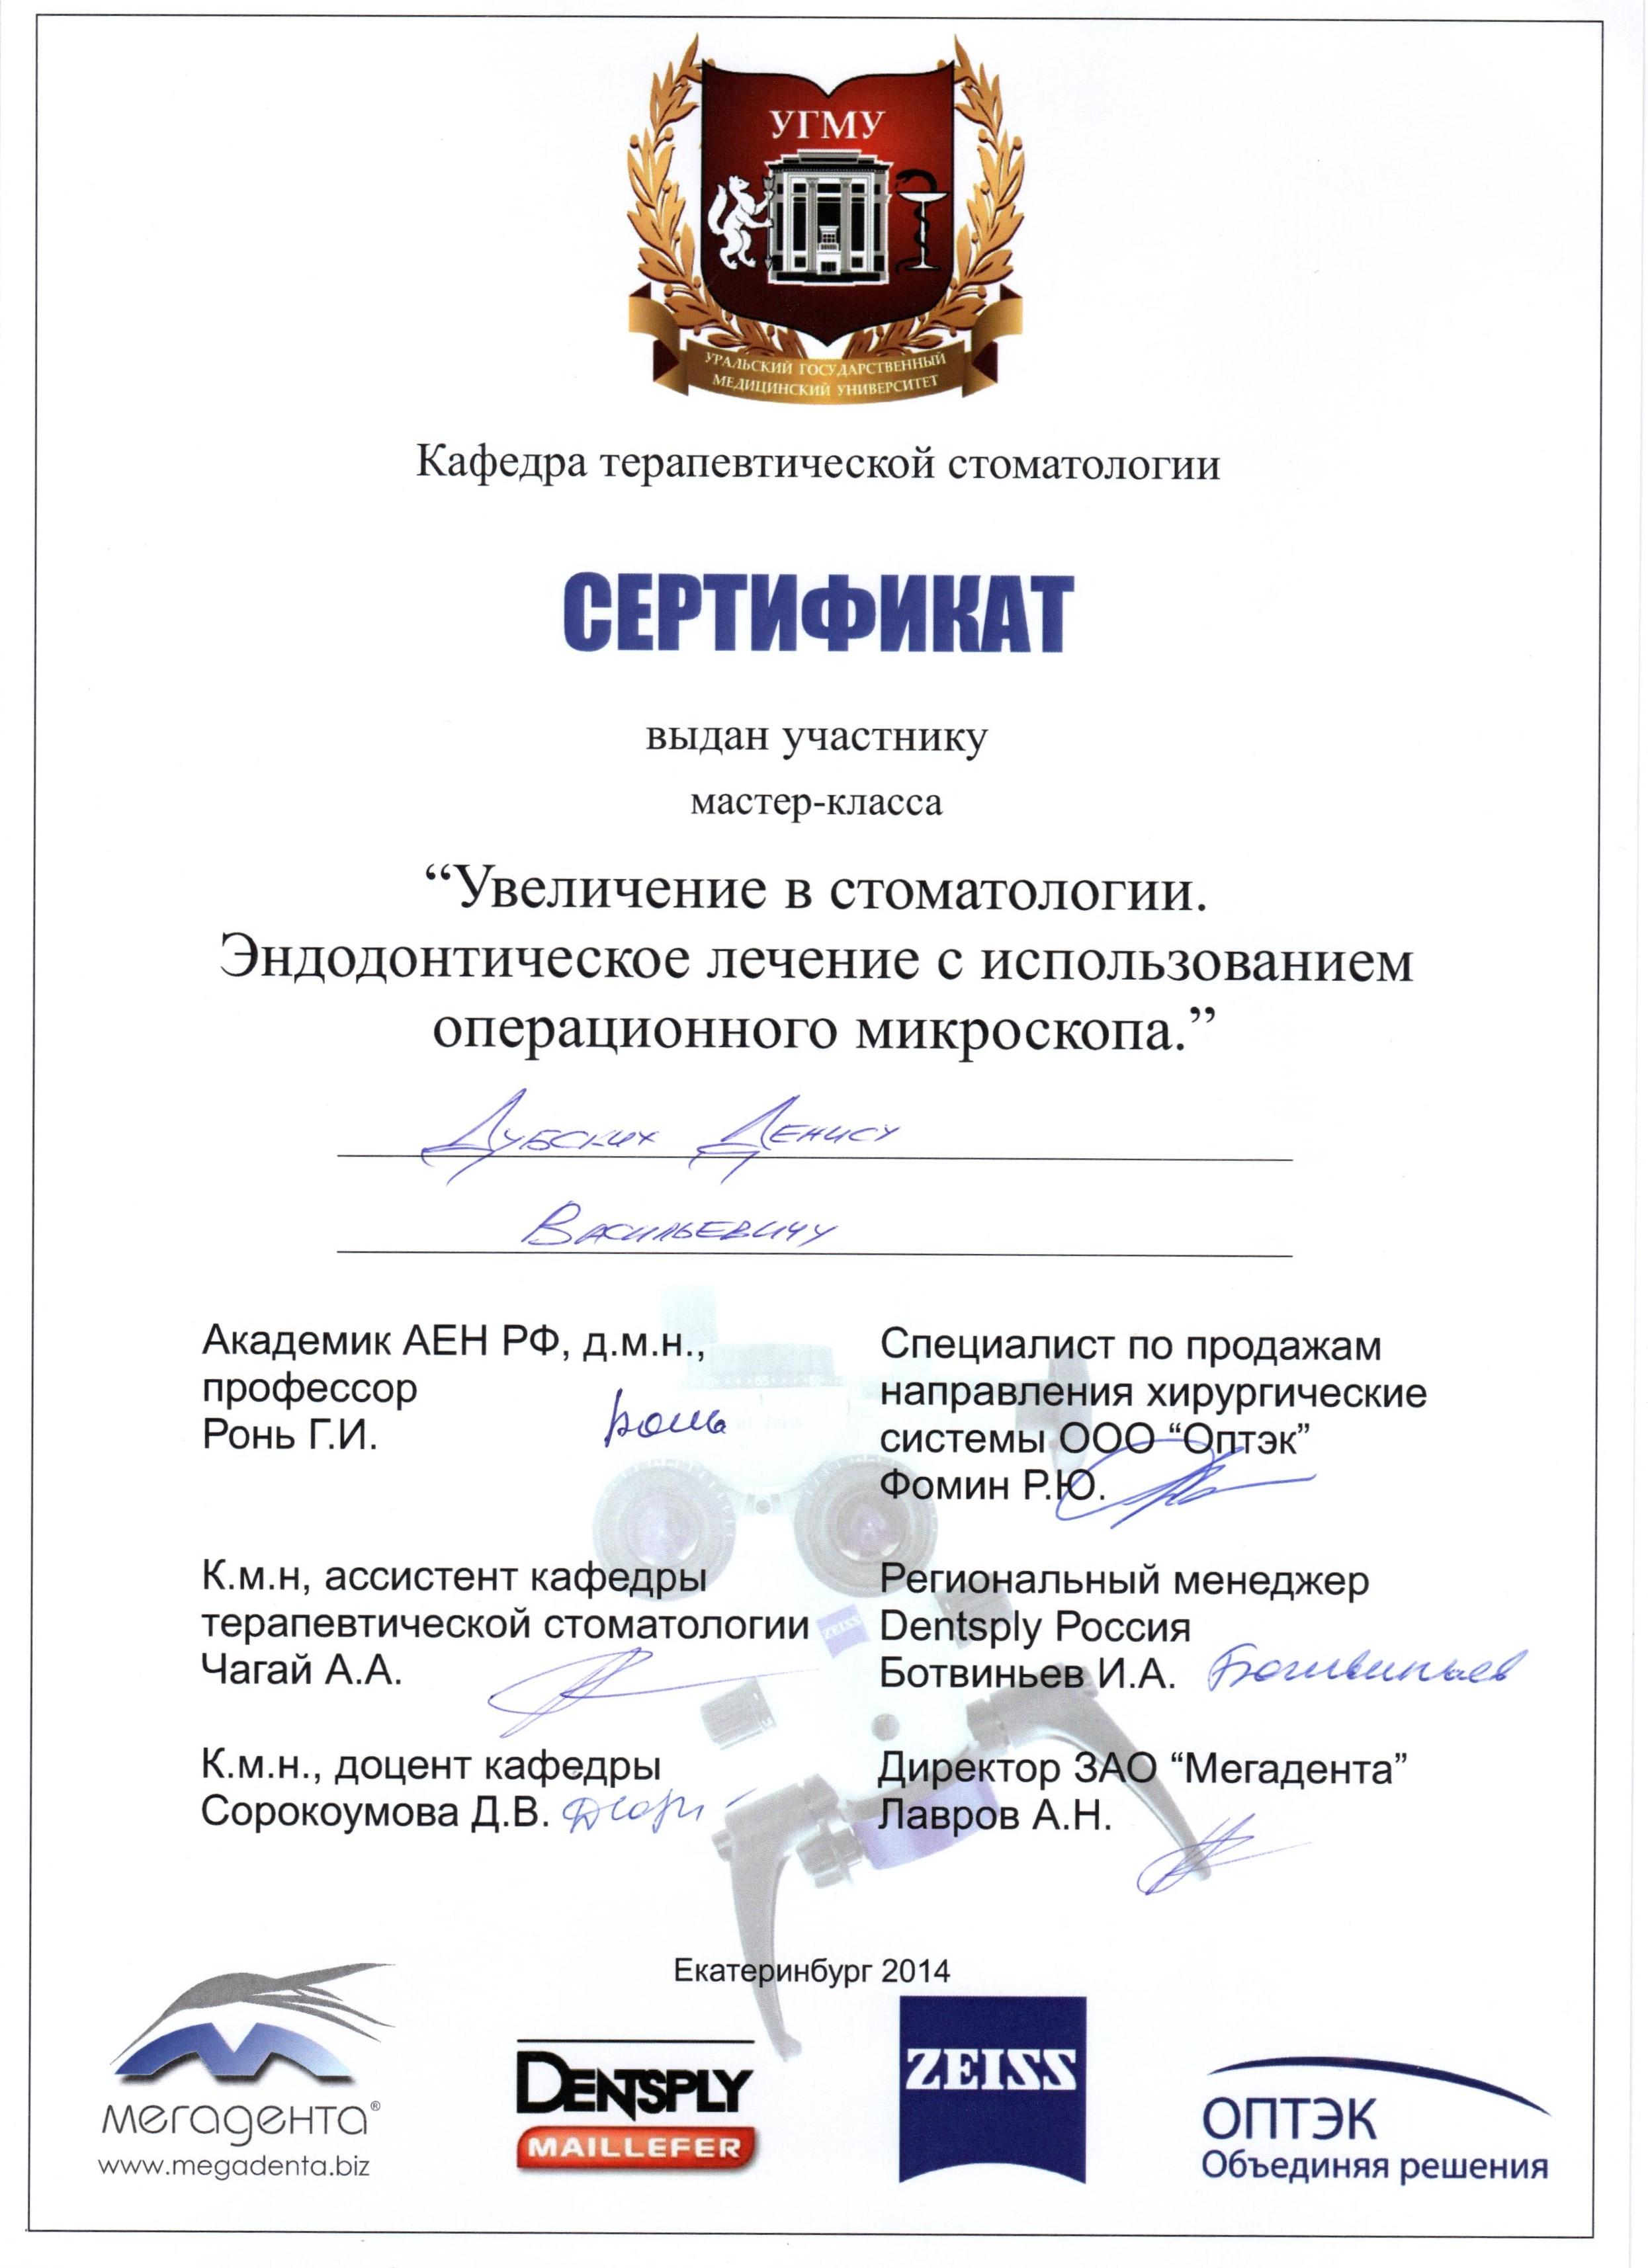 Дубских Денис Васильевич